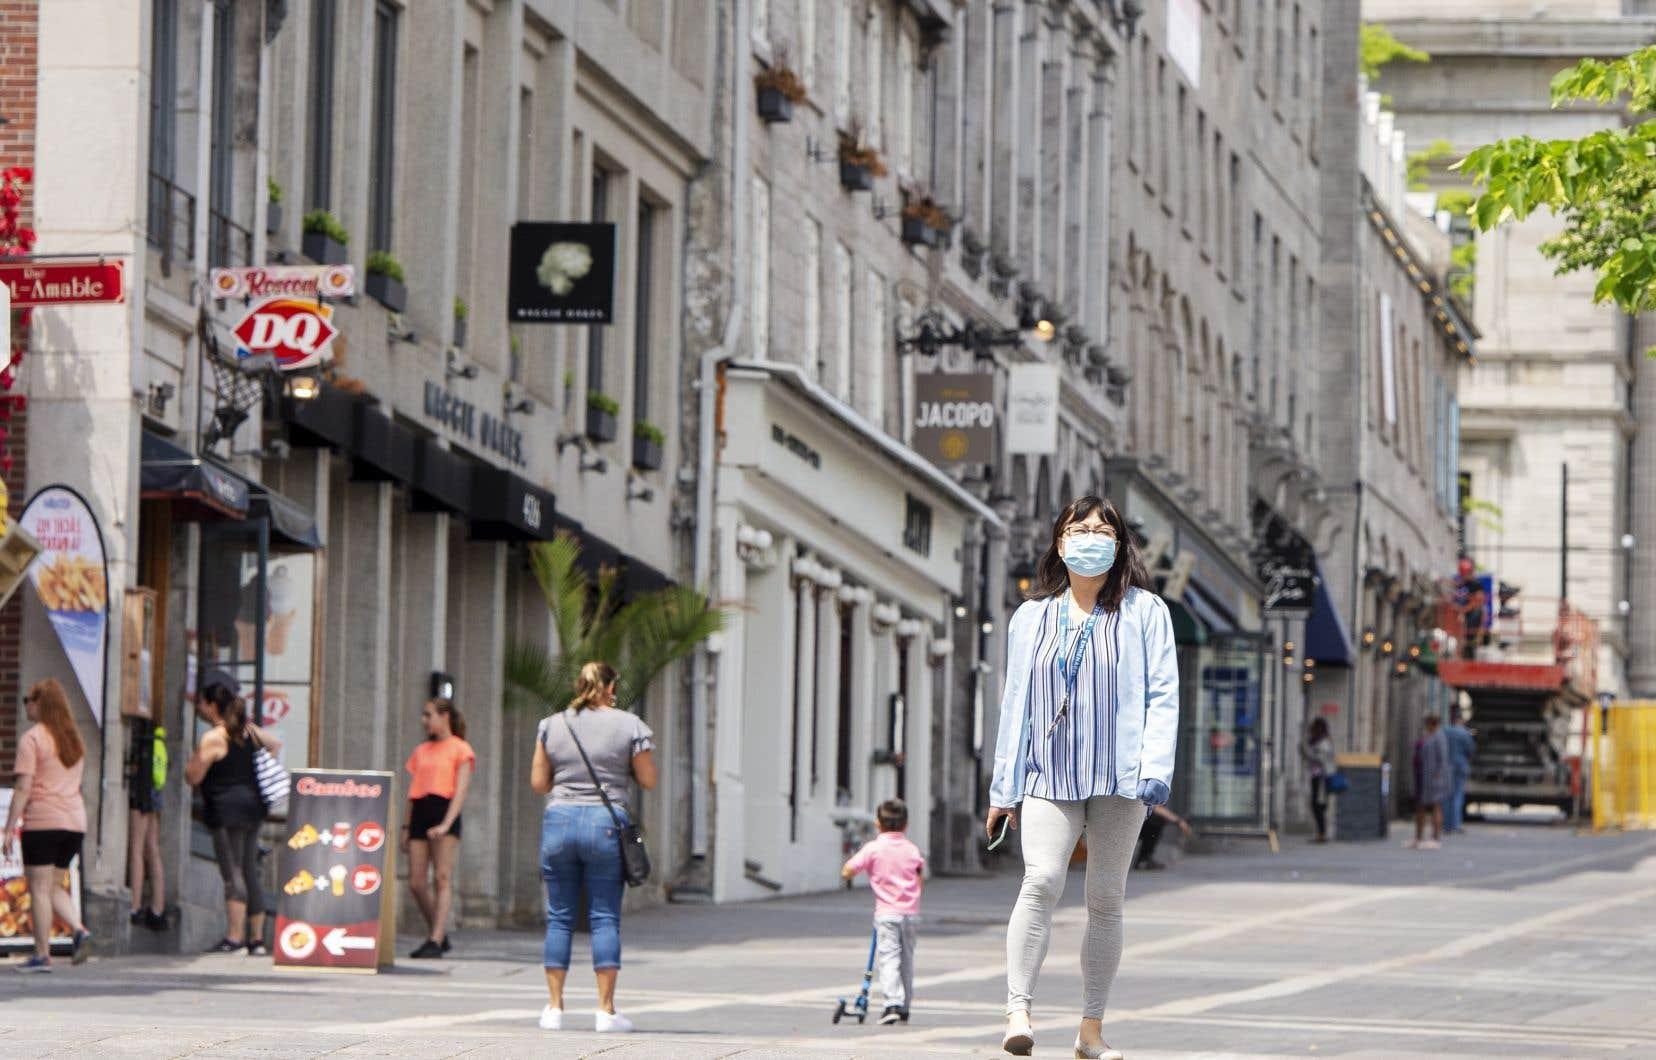 Des passants arpentent le Vieux-Montréal, alors que le déconfinement se poursuit au Québec.